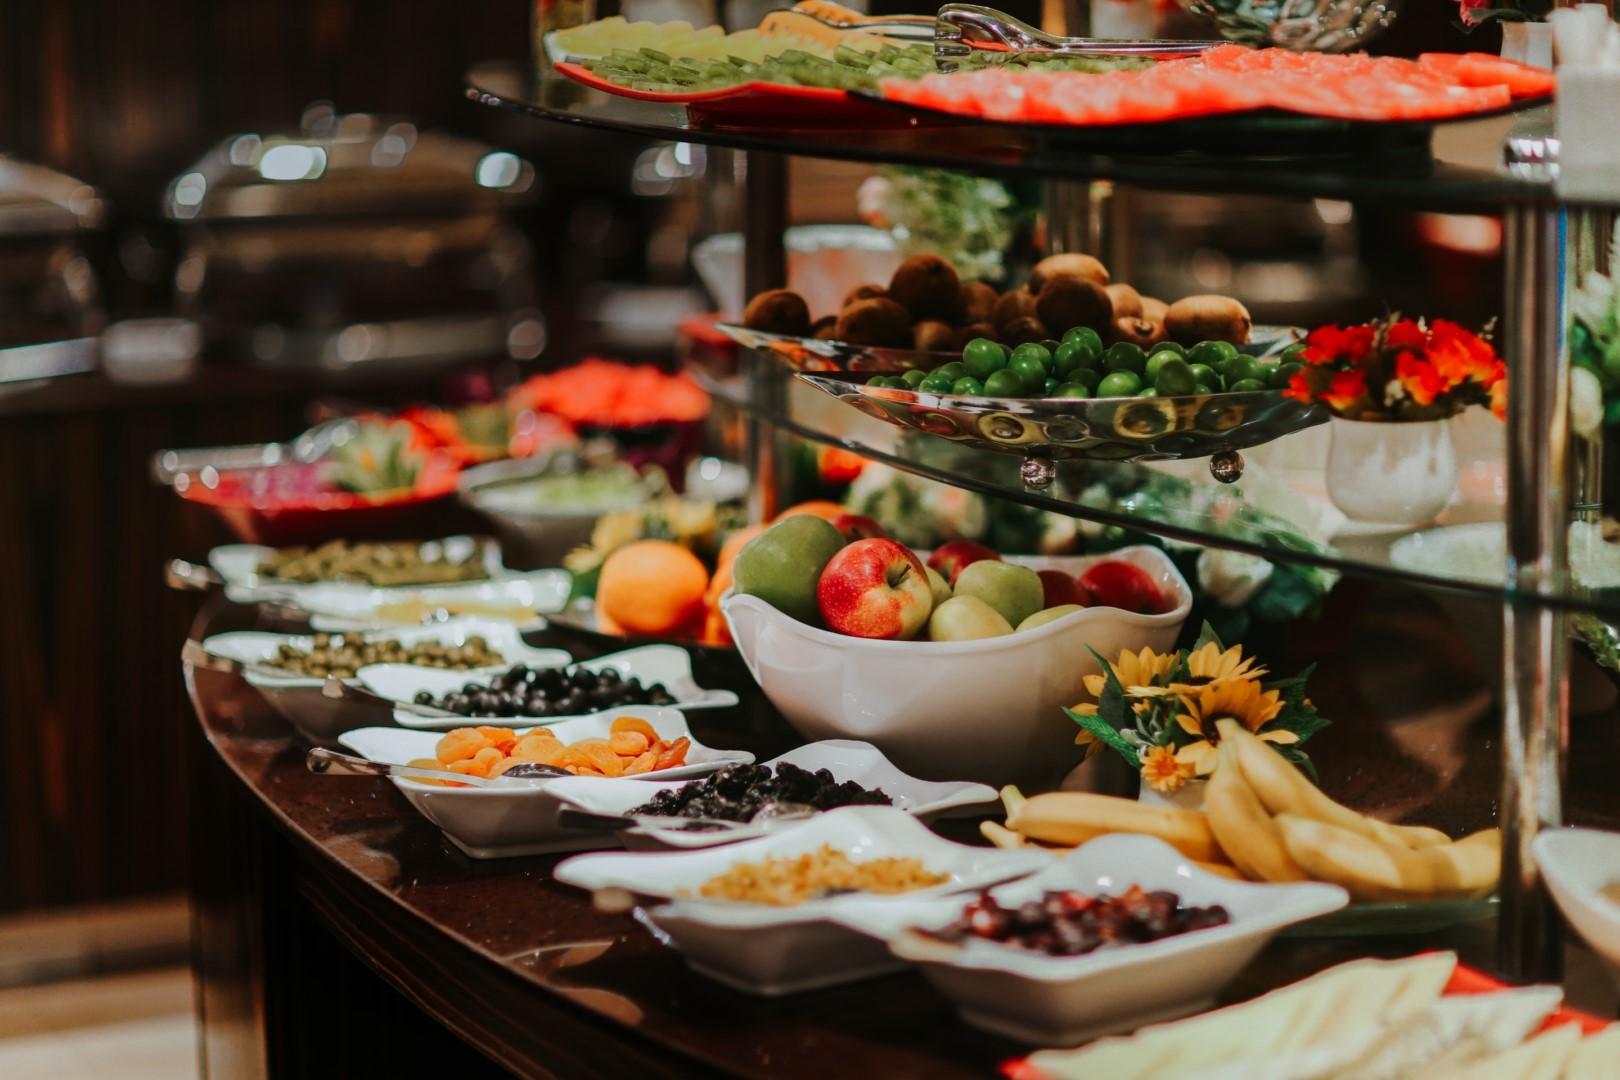 შვედური მაგიდა